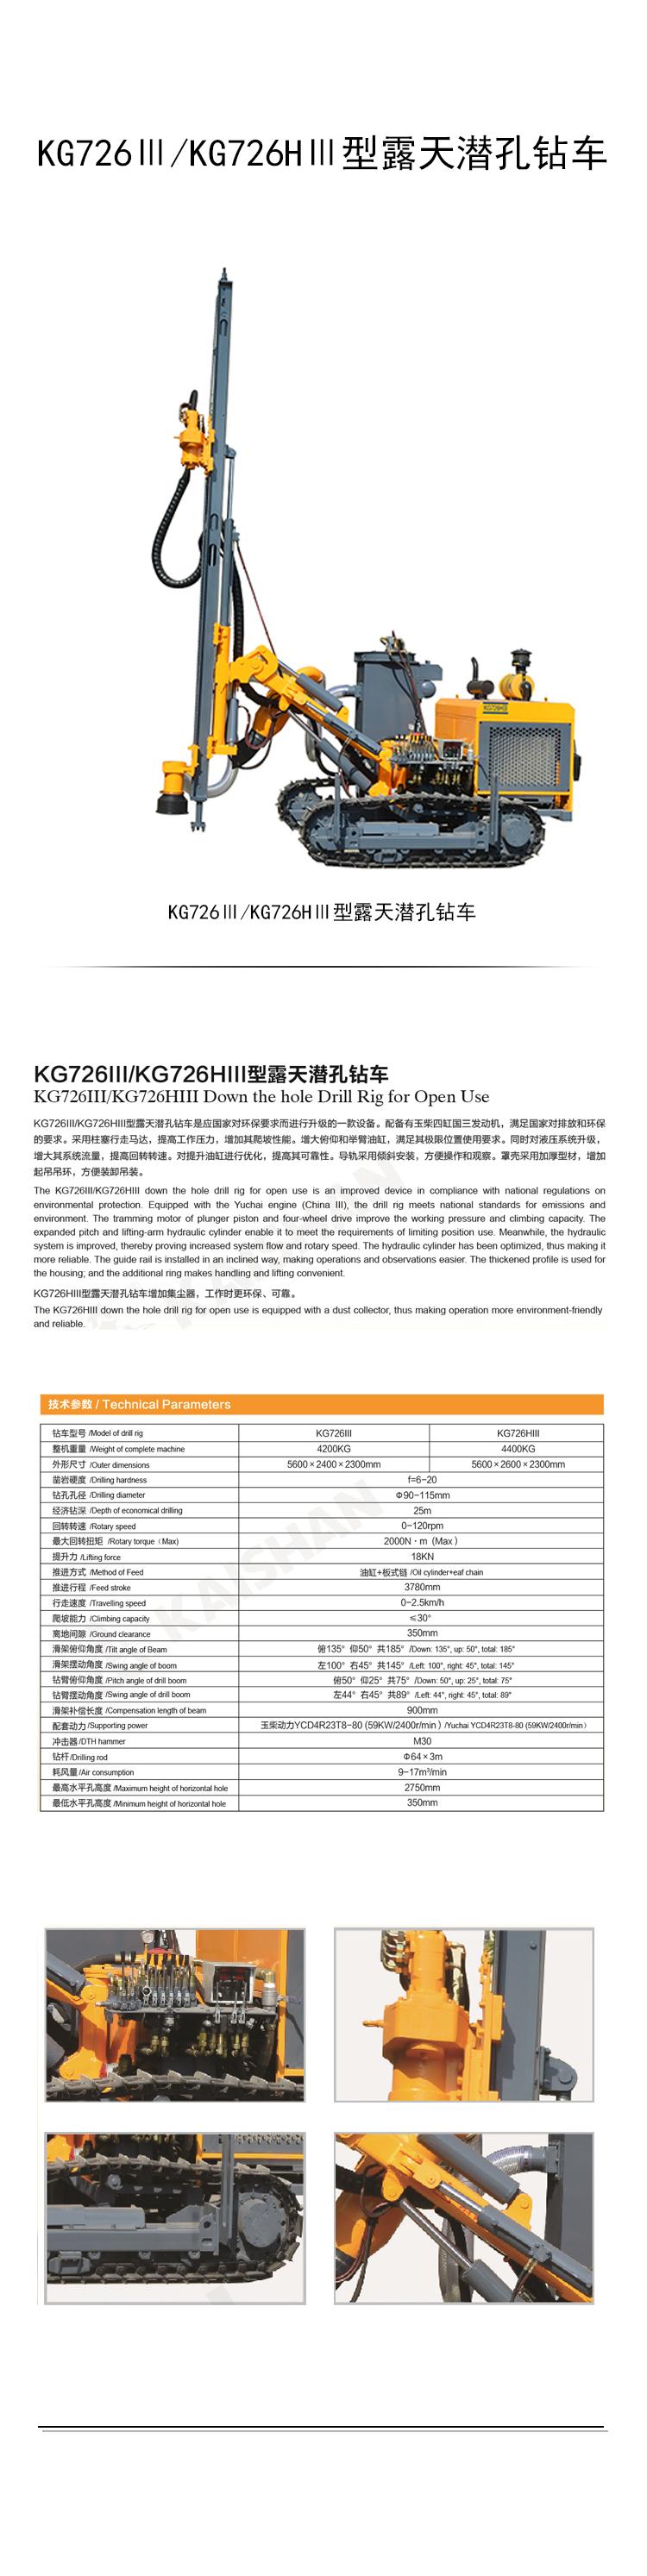 2020-04-1877 kg726Ⅲ   kg726hⅢ型露天潜孔钻车